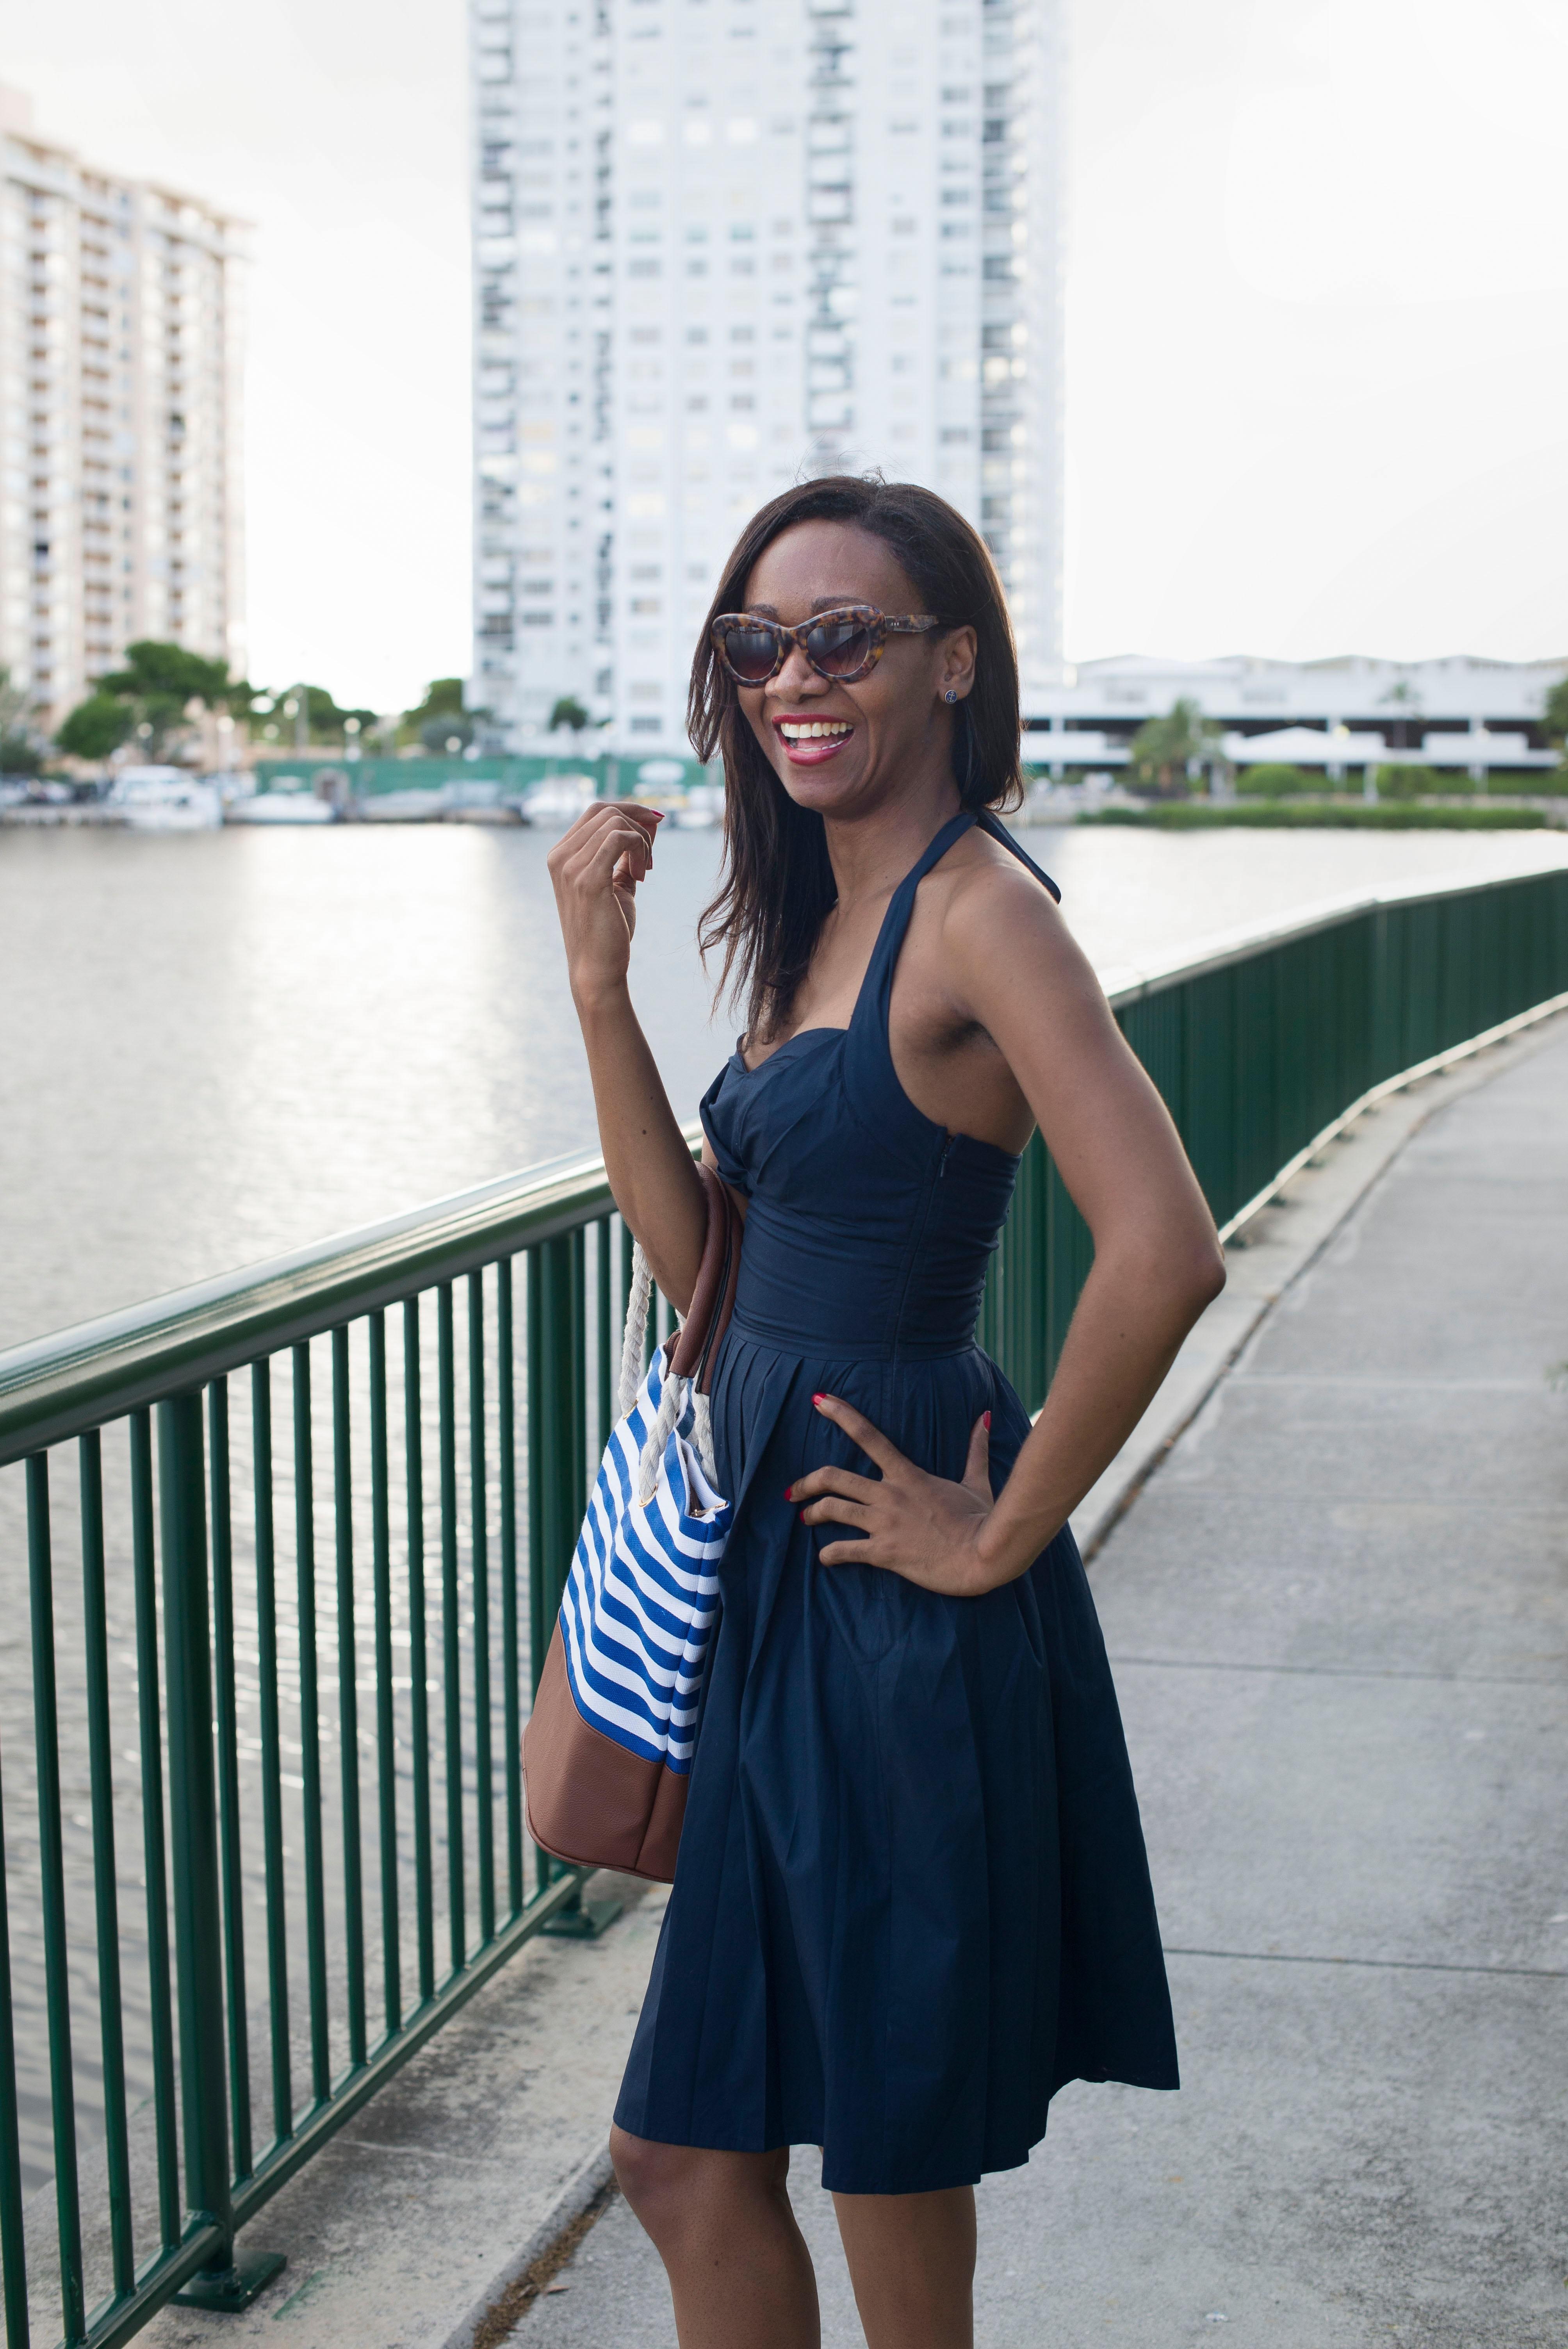 navy_halter_dress_nautical_chic